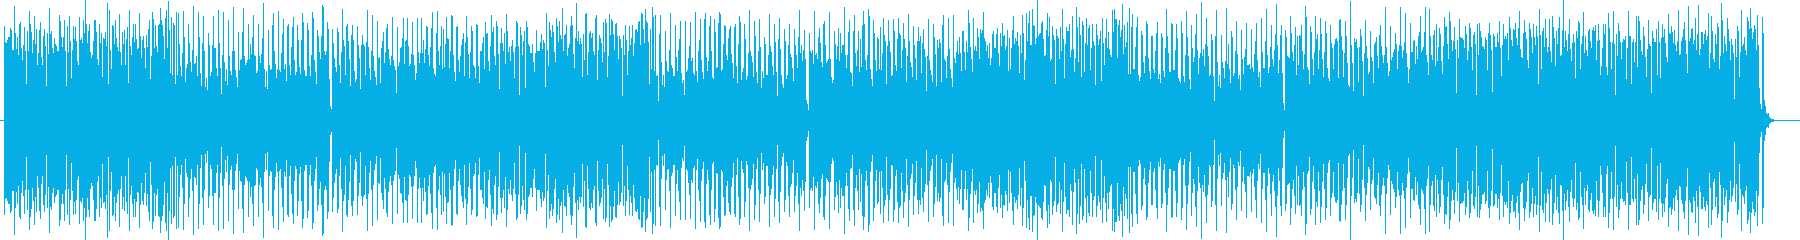 陽気なシンセサイザー・木管楽器サウンドの再生済みの波形